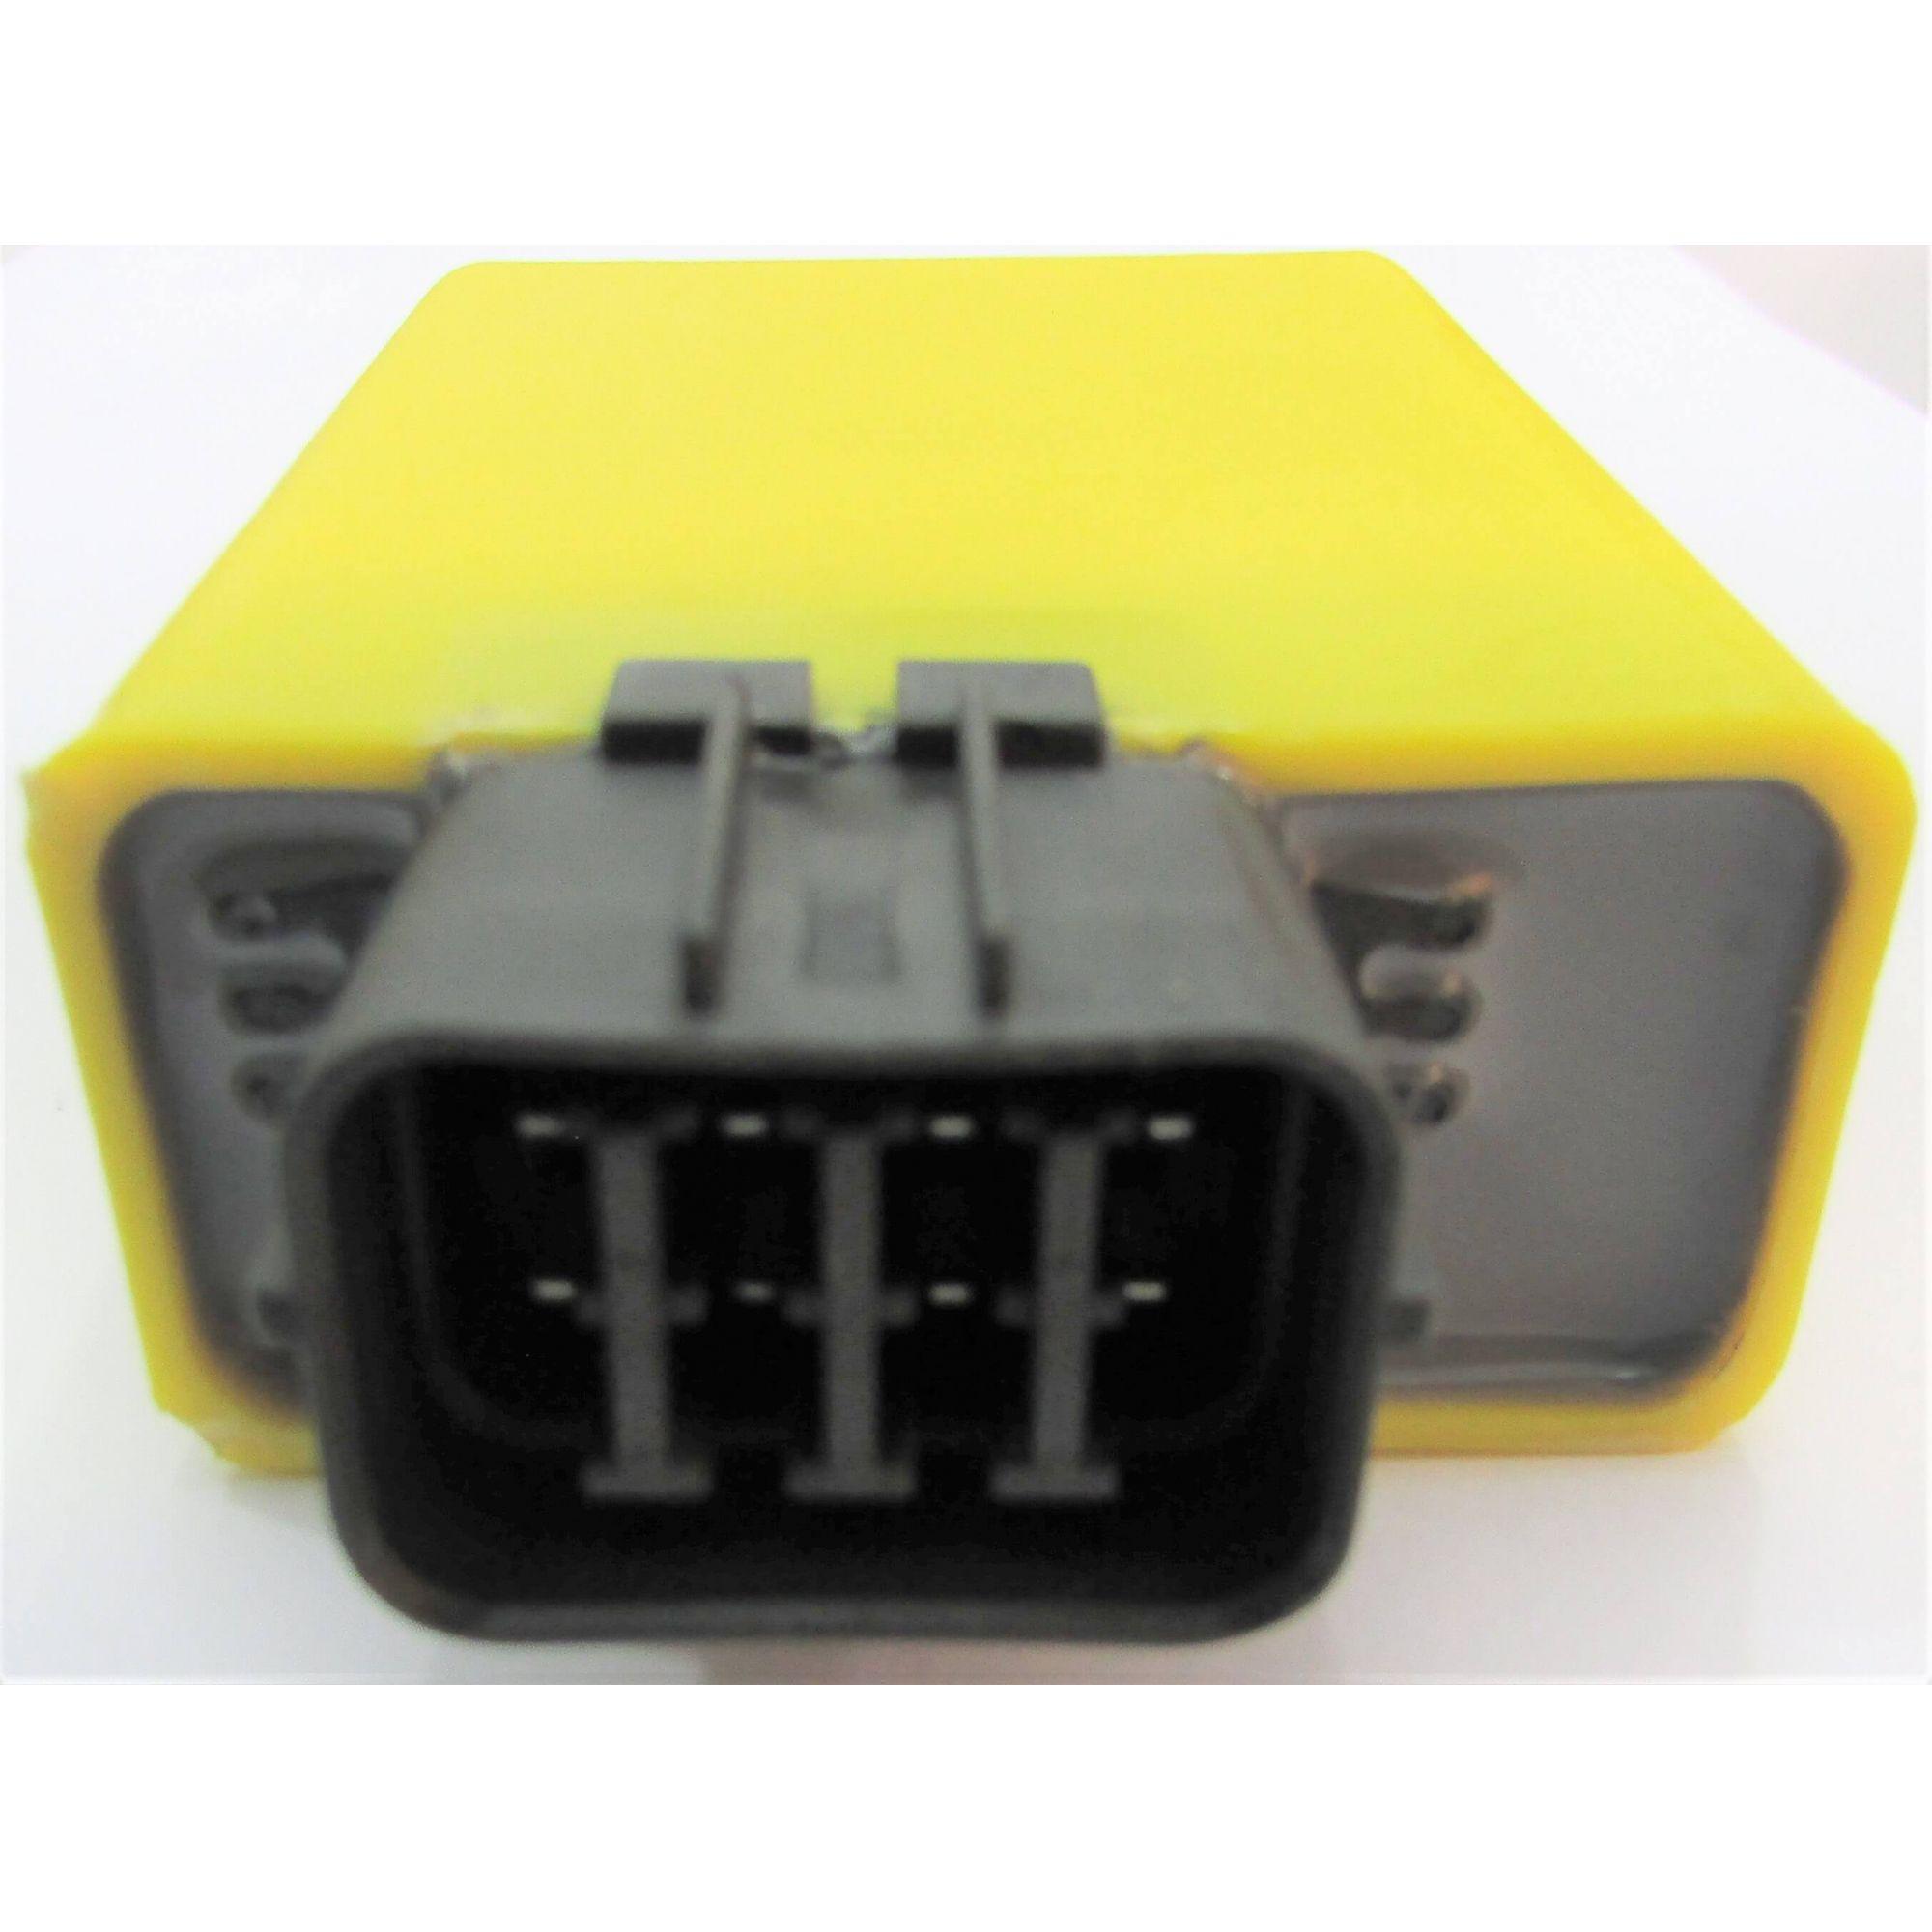 Central da Ignição CDI Modelo Racing Honda XR 250 TORNADO c/ corte de giros 10800 Rpm